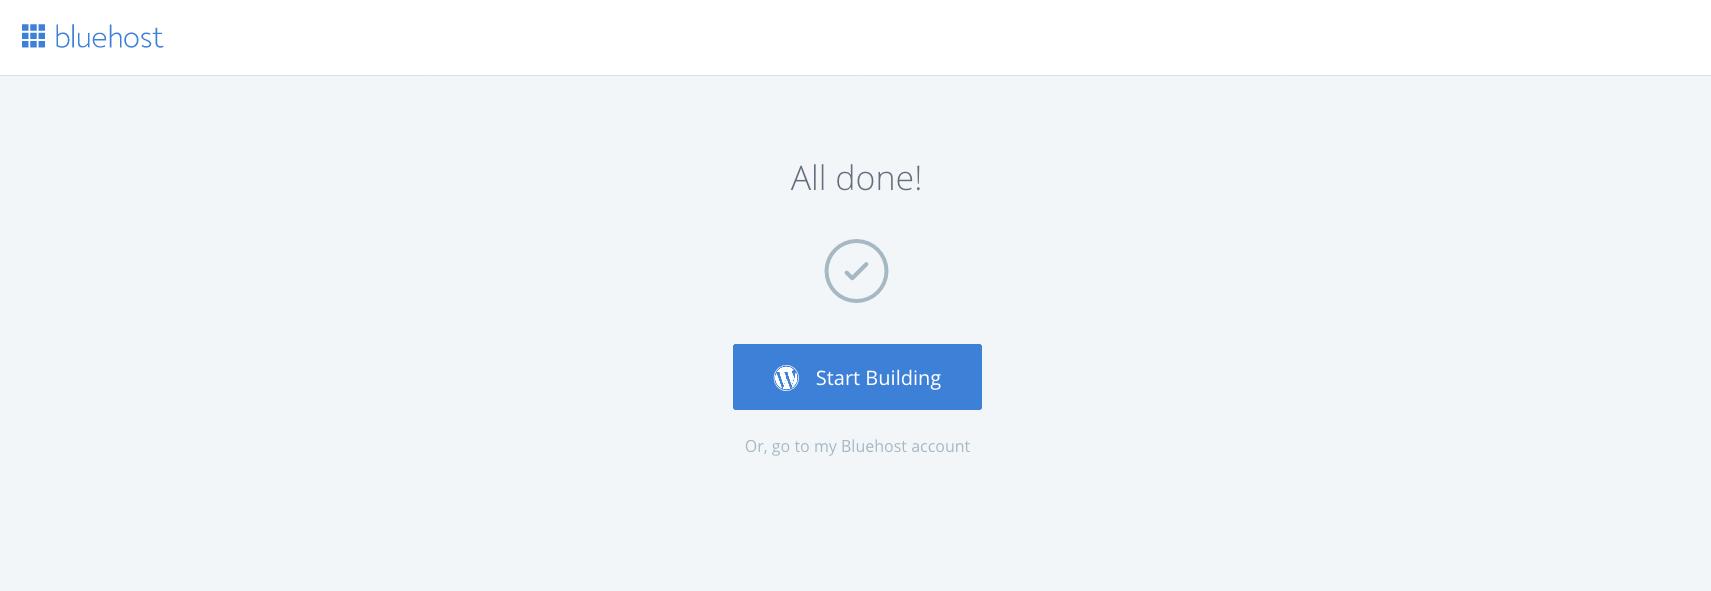 Start a blog done success